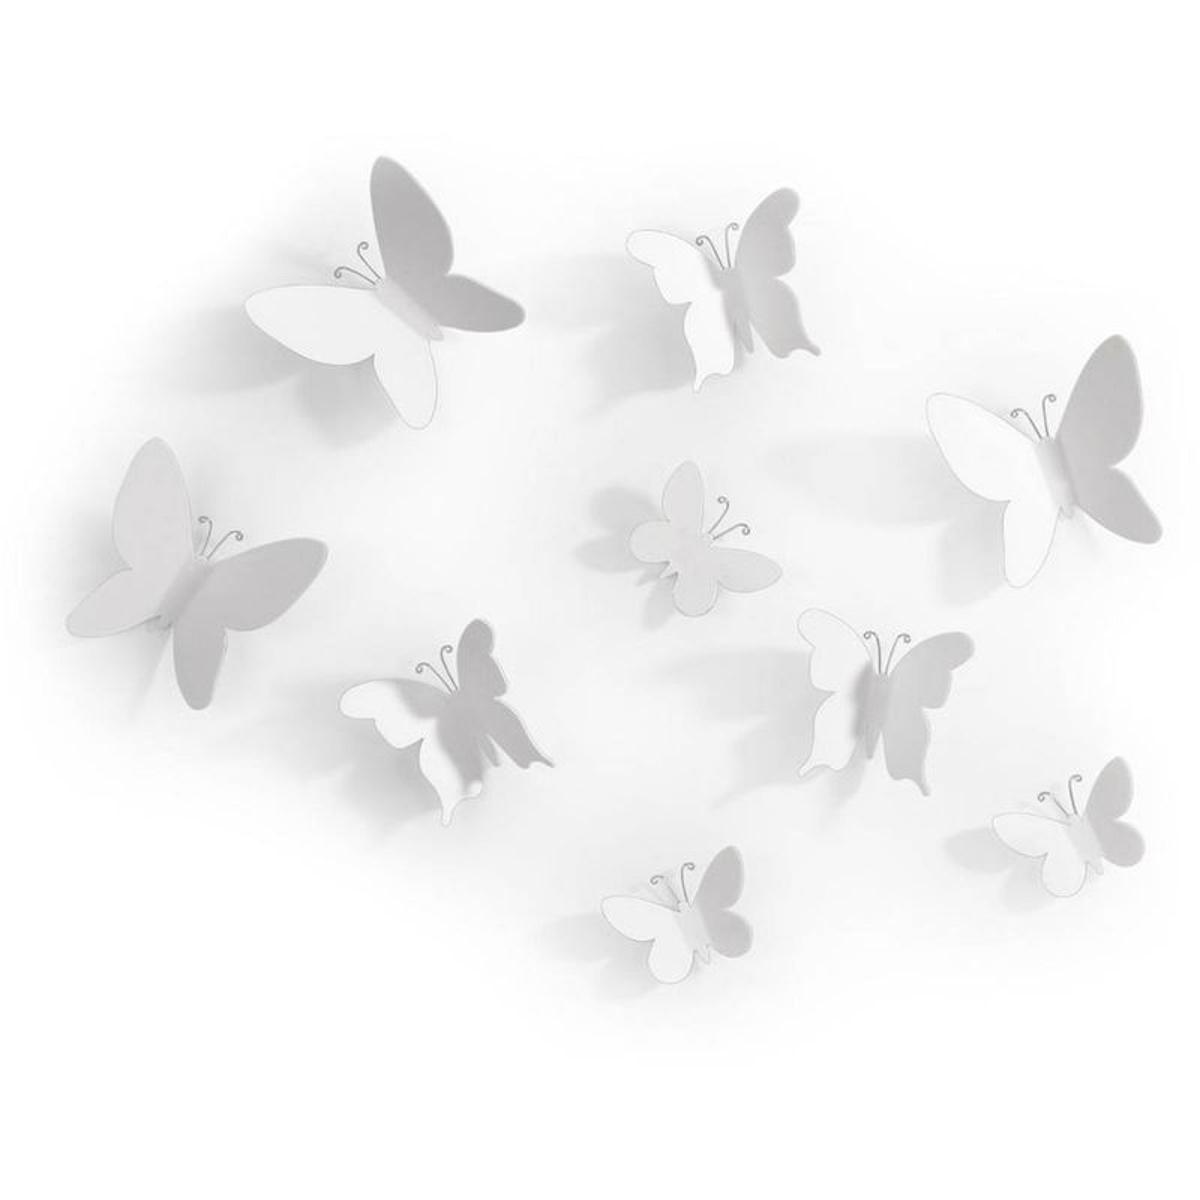 Décor mural adhésif 9 papillons blancs